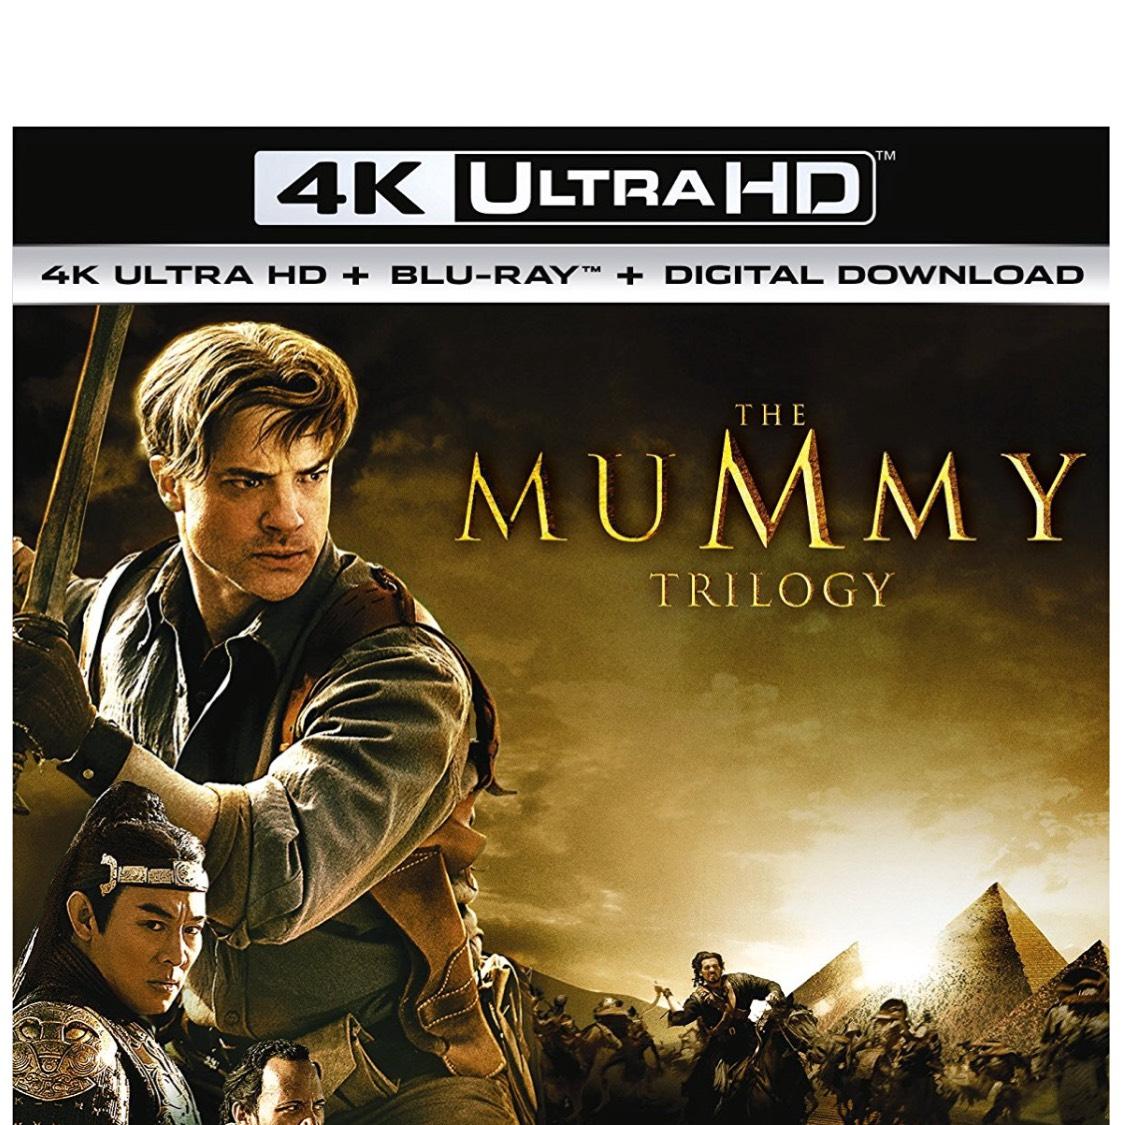 The mummy trilogy 4k Ultra HD £25 @ Amazon